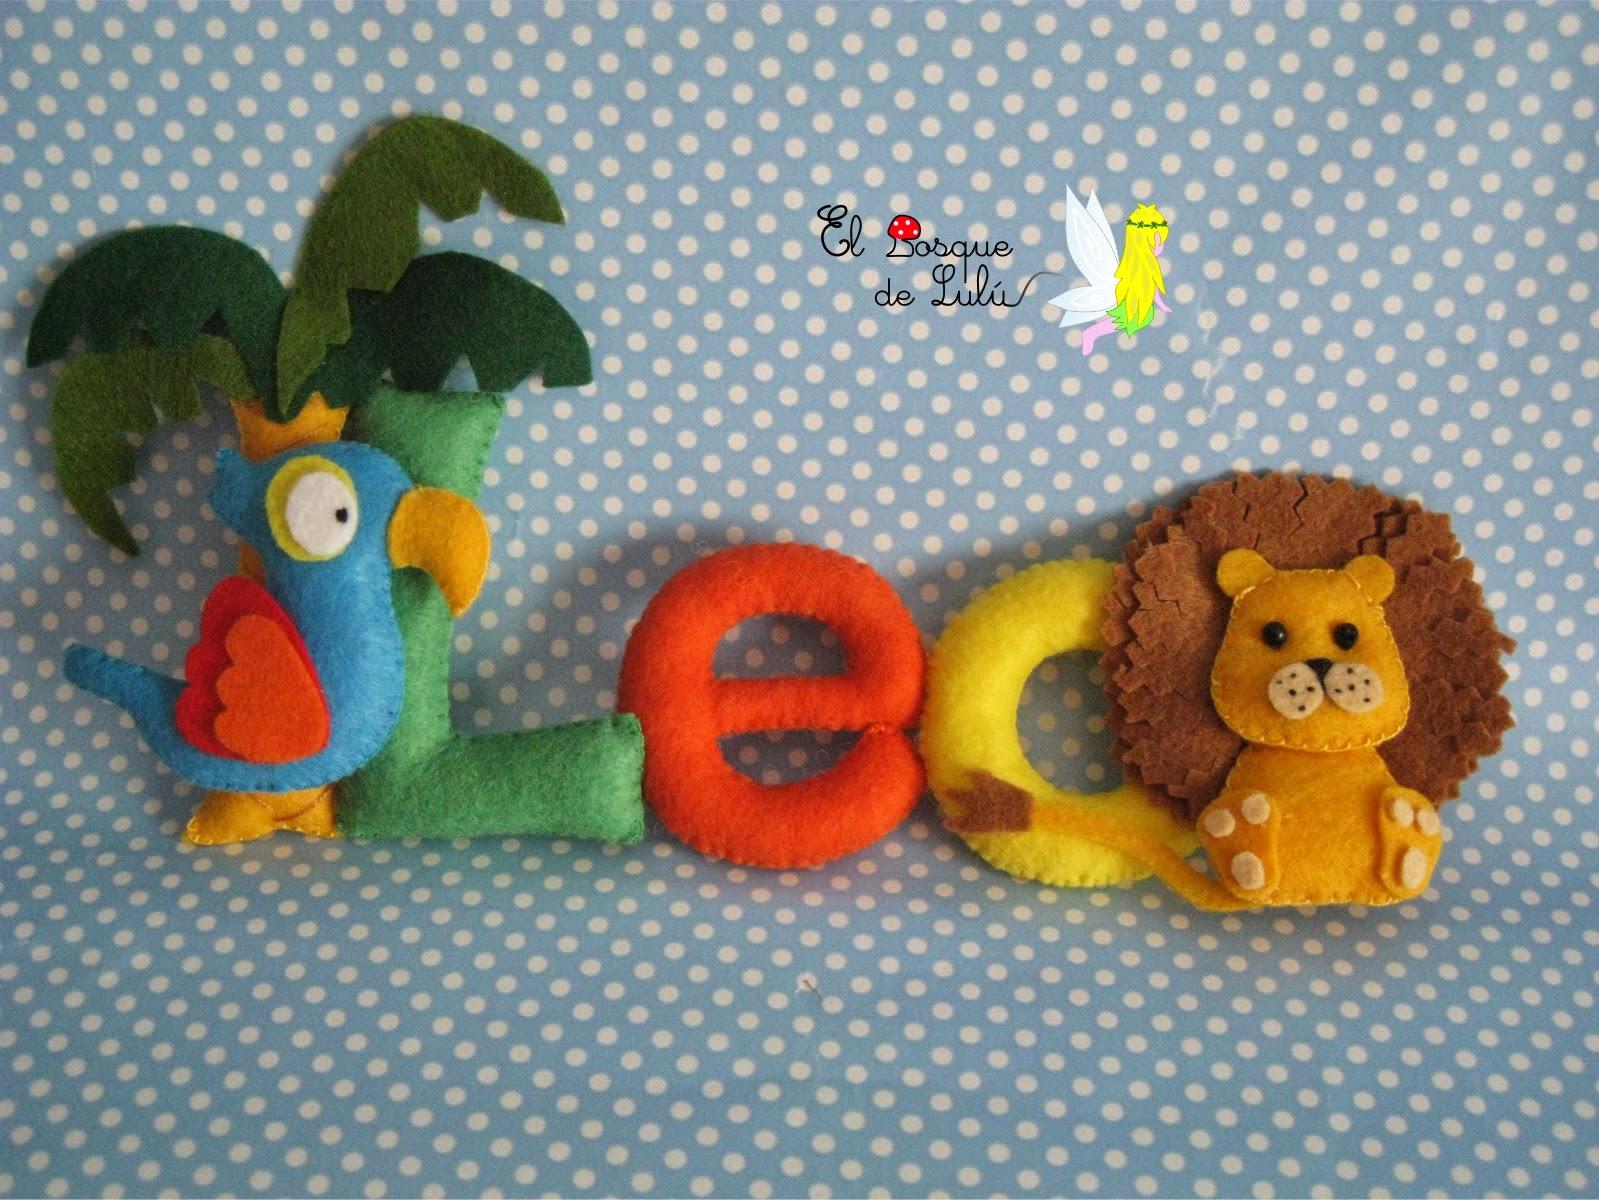 nombre-decorativo-fieltro-animales-selva-leo-leon-loro-regalo-nacimiento